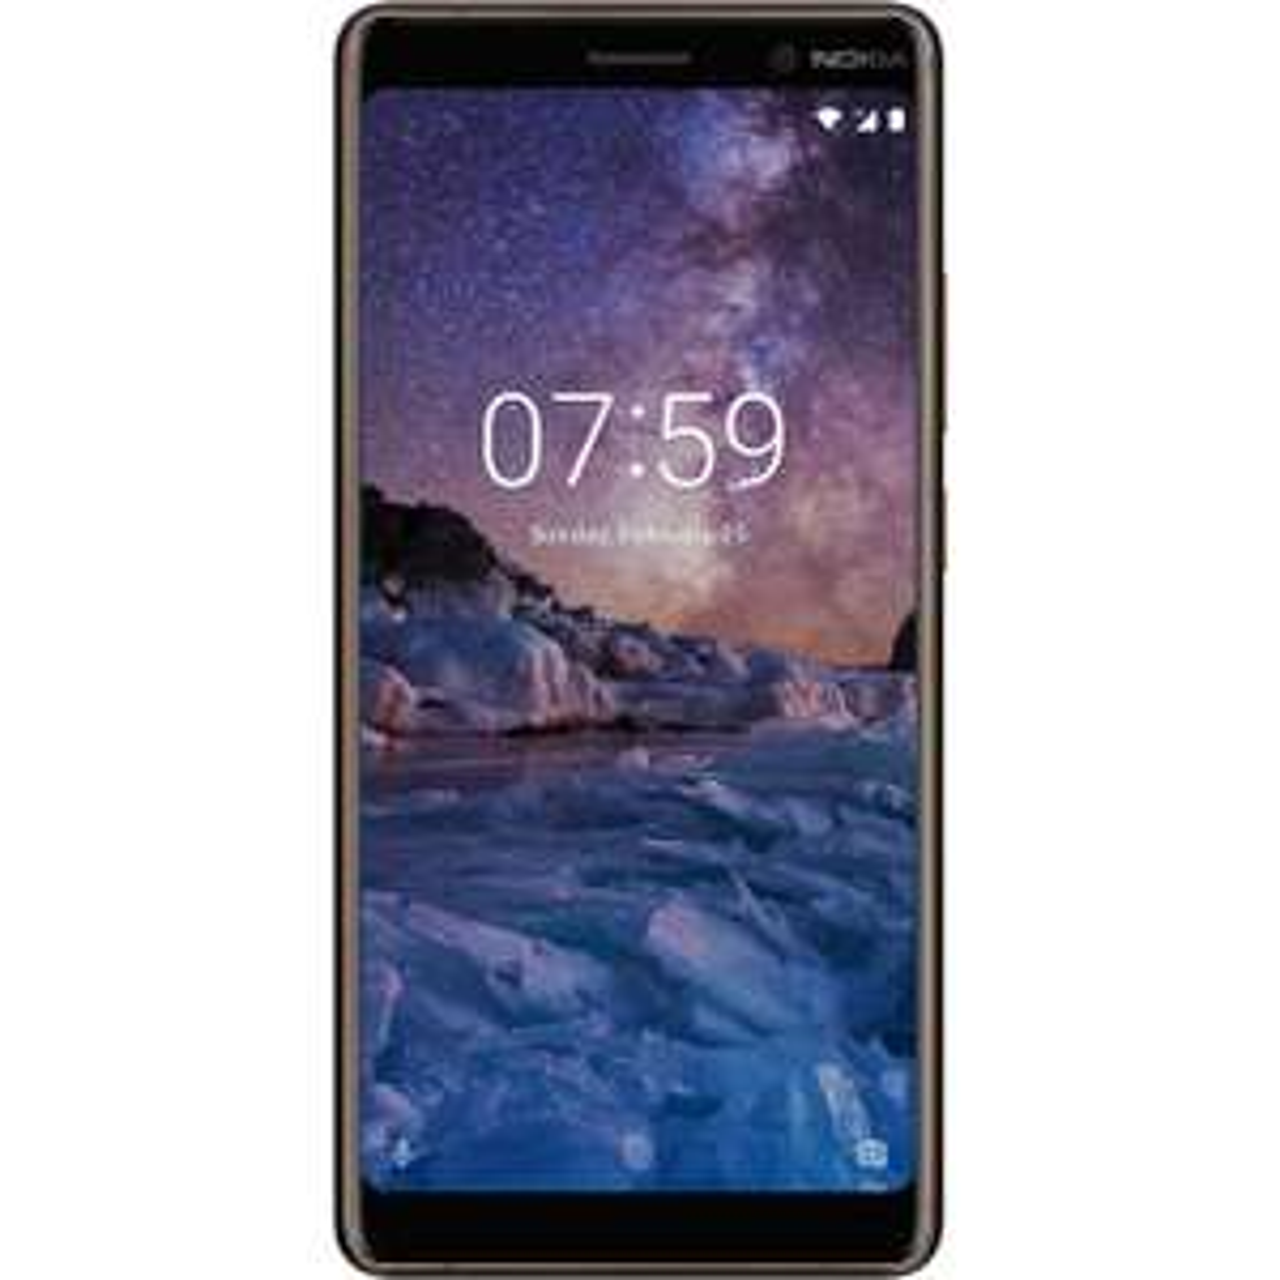 Nokia 7 Plus 64GB Smartphone in Black @ AO.com for £279